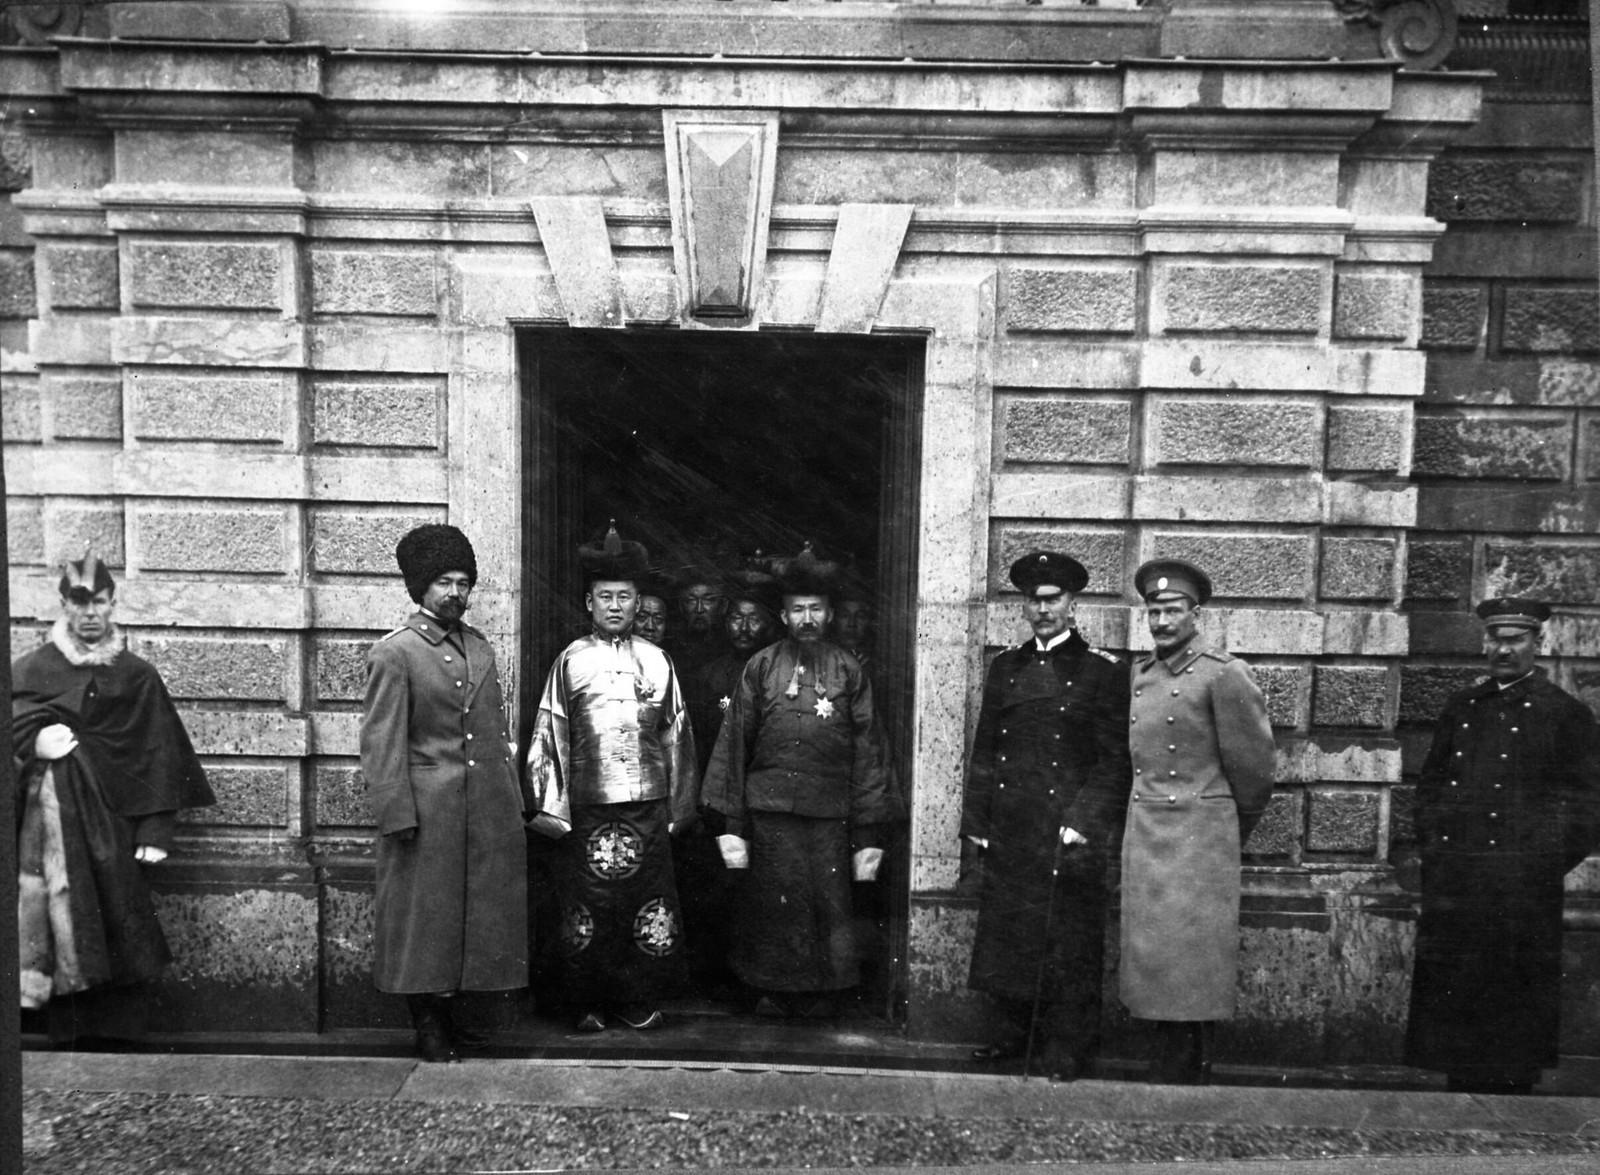 06. 1913. Правительственная делегация Монголии во главе с премьер-министром Намнансурэном в России